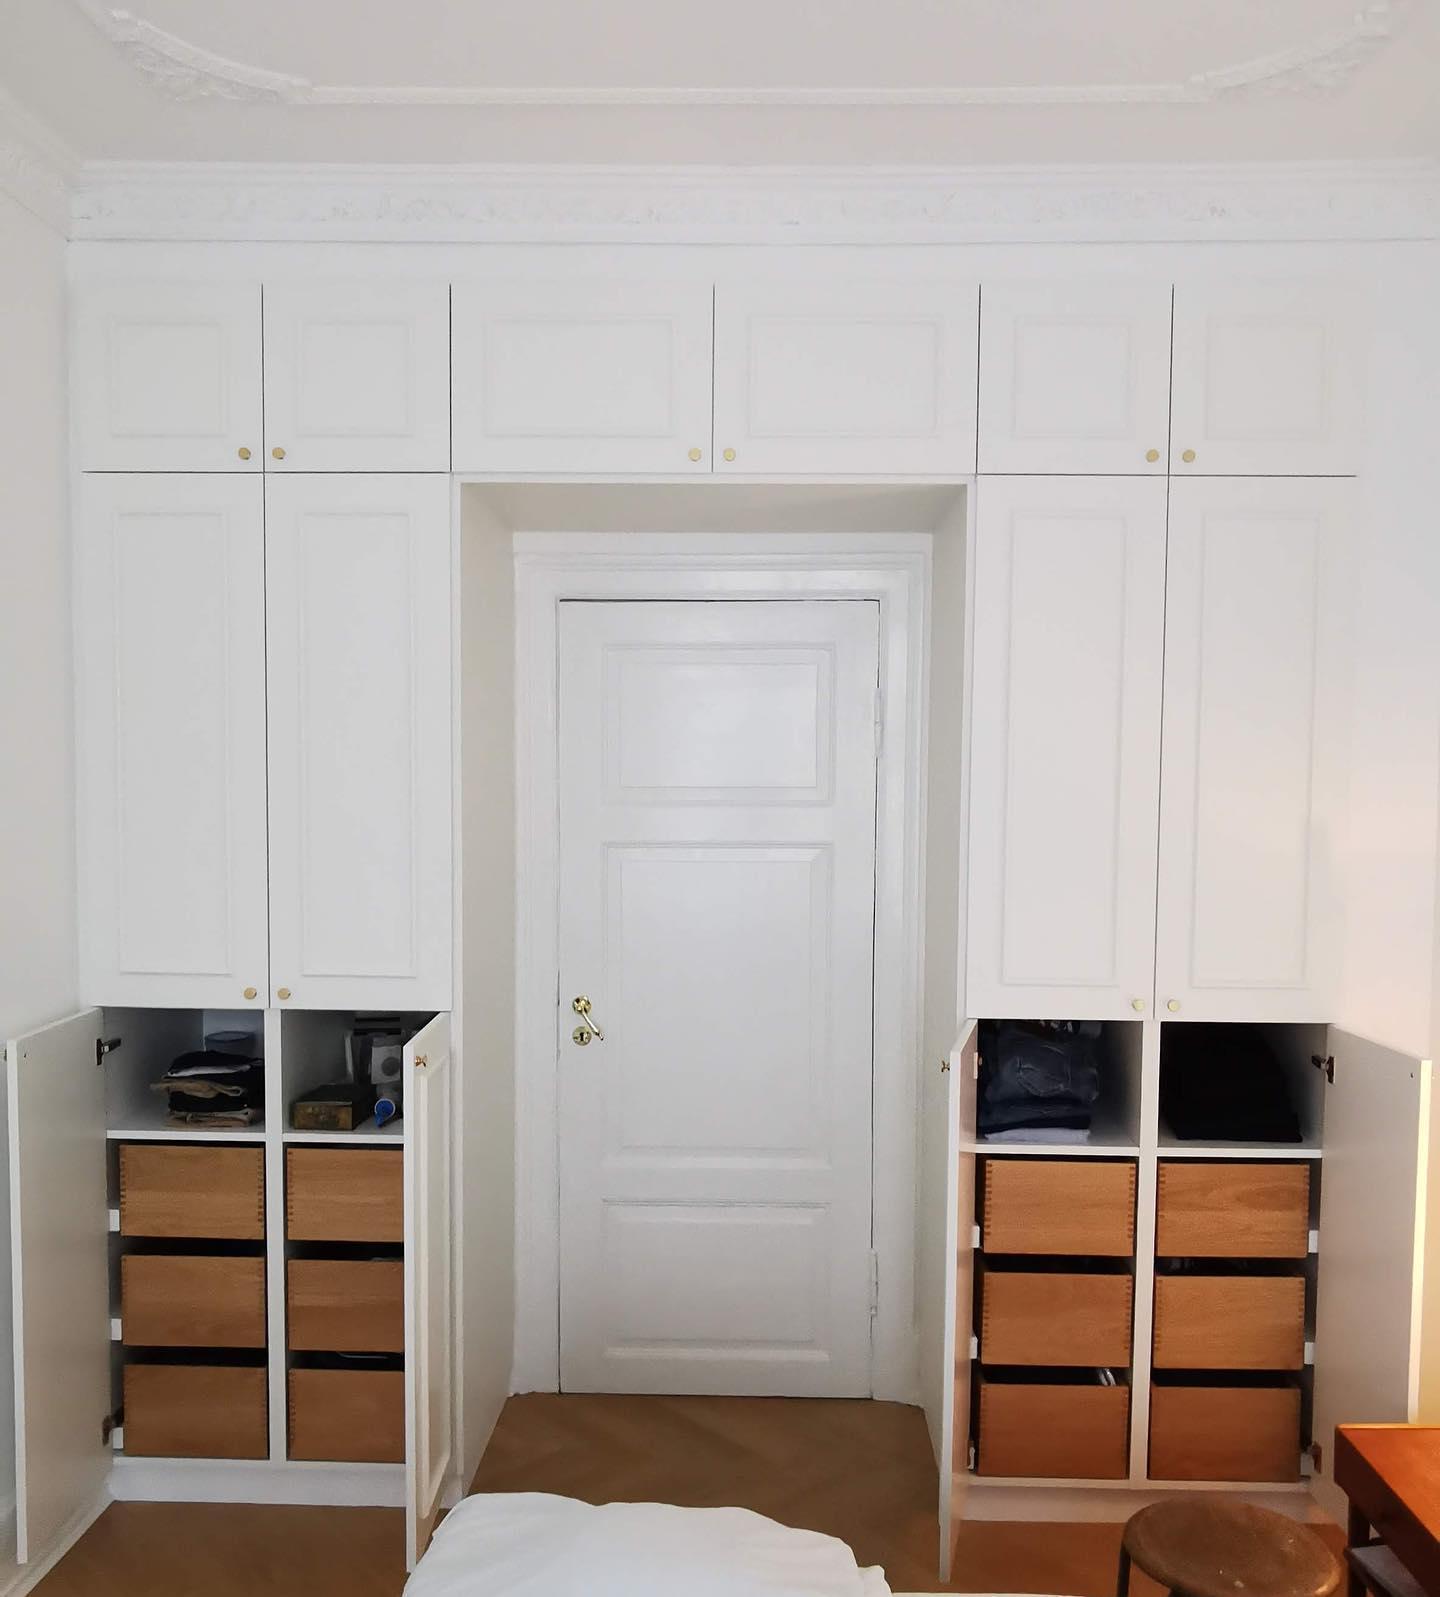 Indbygget garderobe med special- og snedker-lavede låger og egetræsskuffer